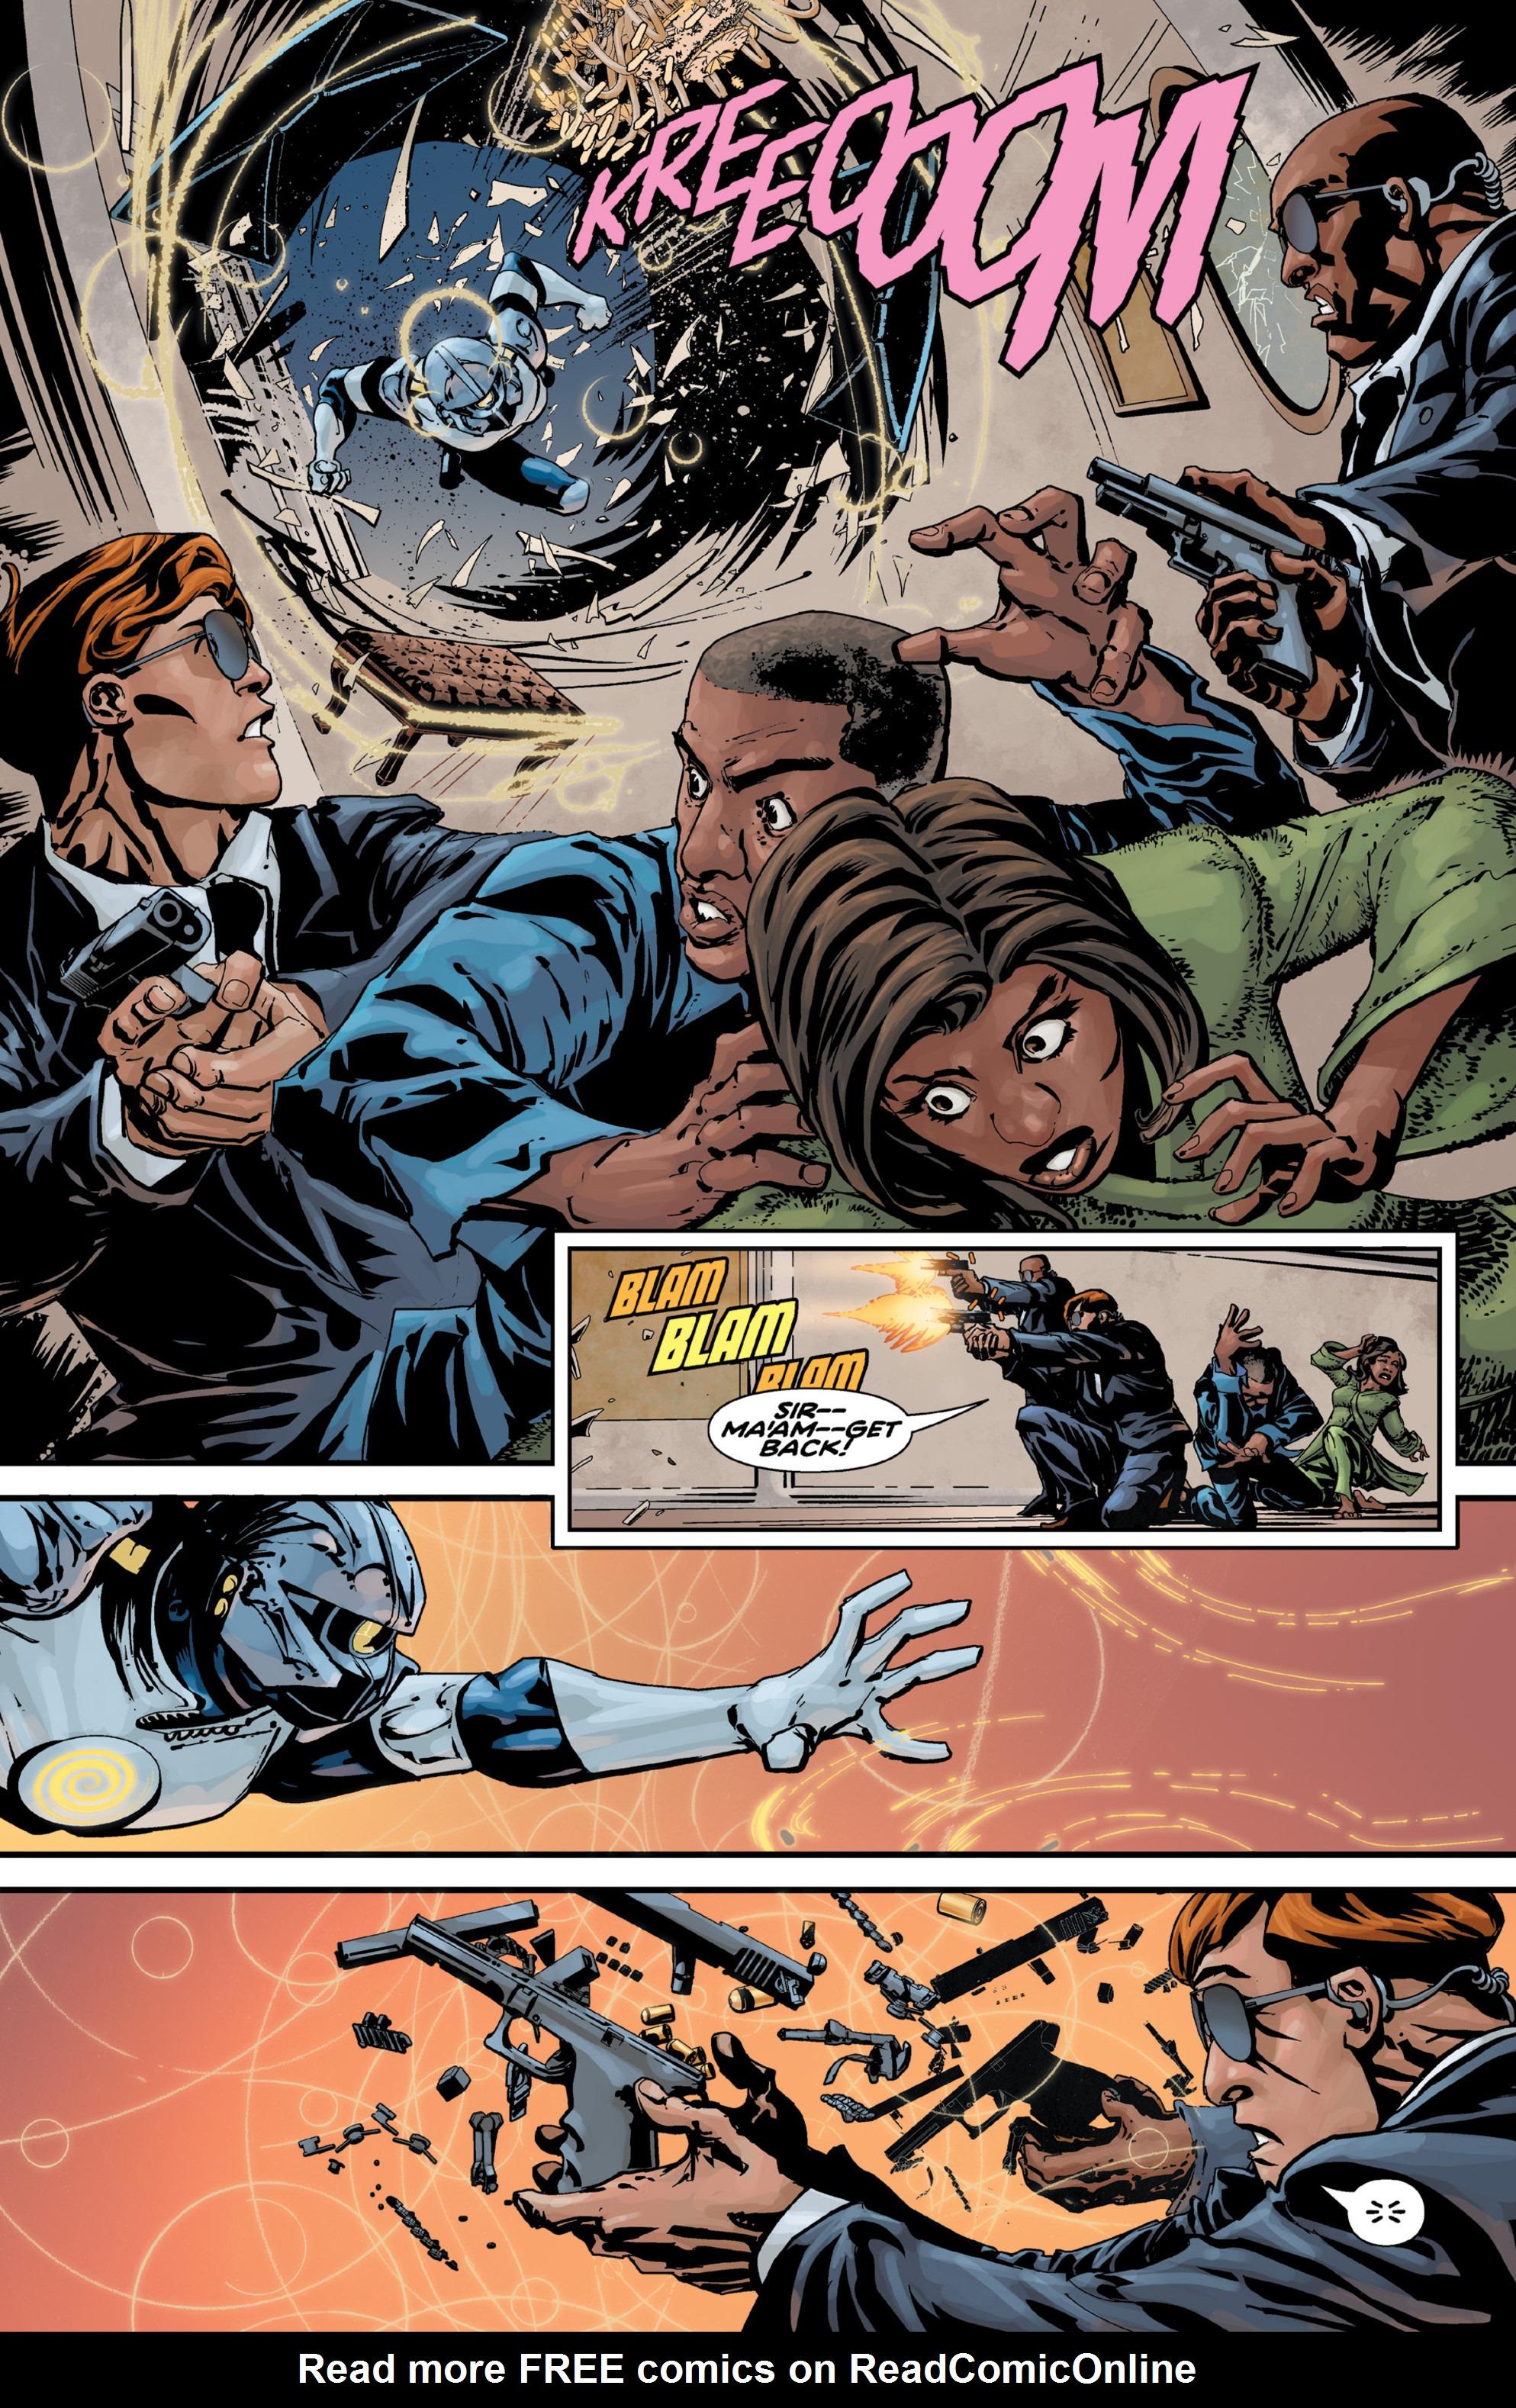 Read online Brain Boy:  The Men from G.E.S.T.A.L.T. comic -  Issue # TPB - 13